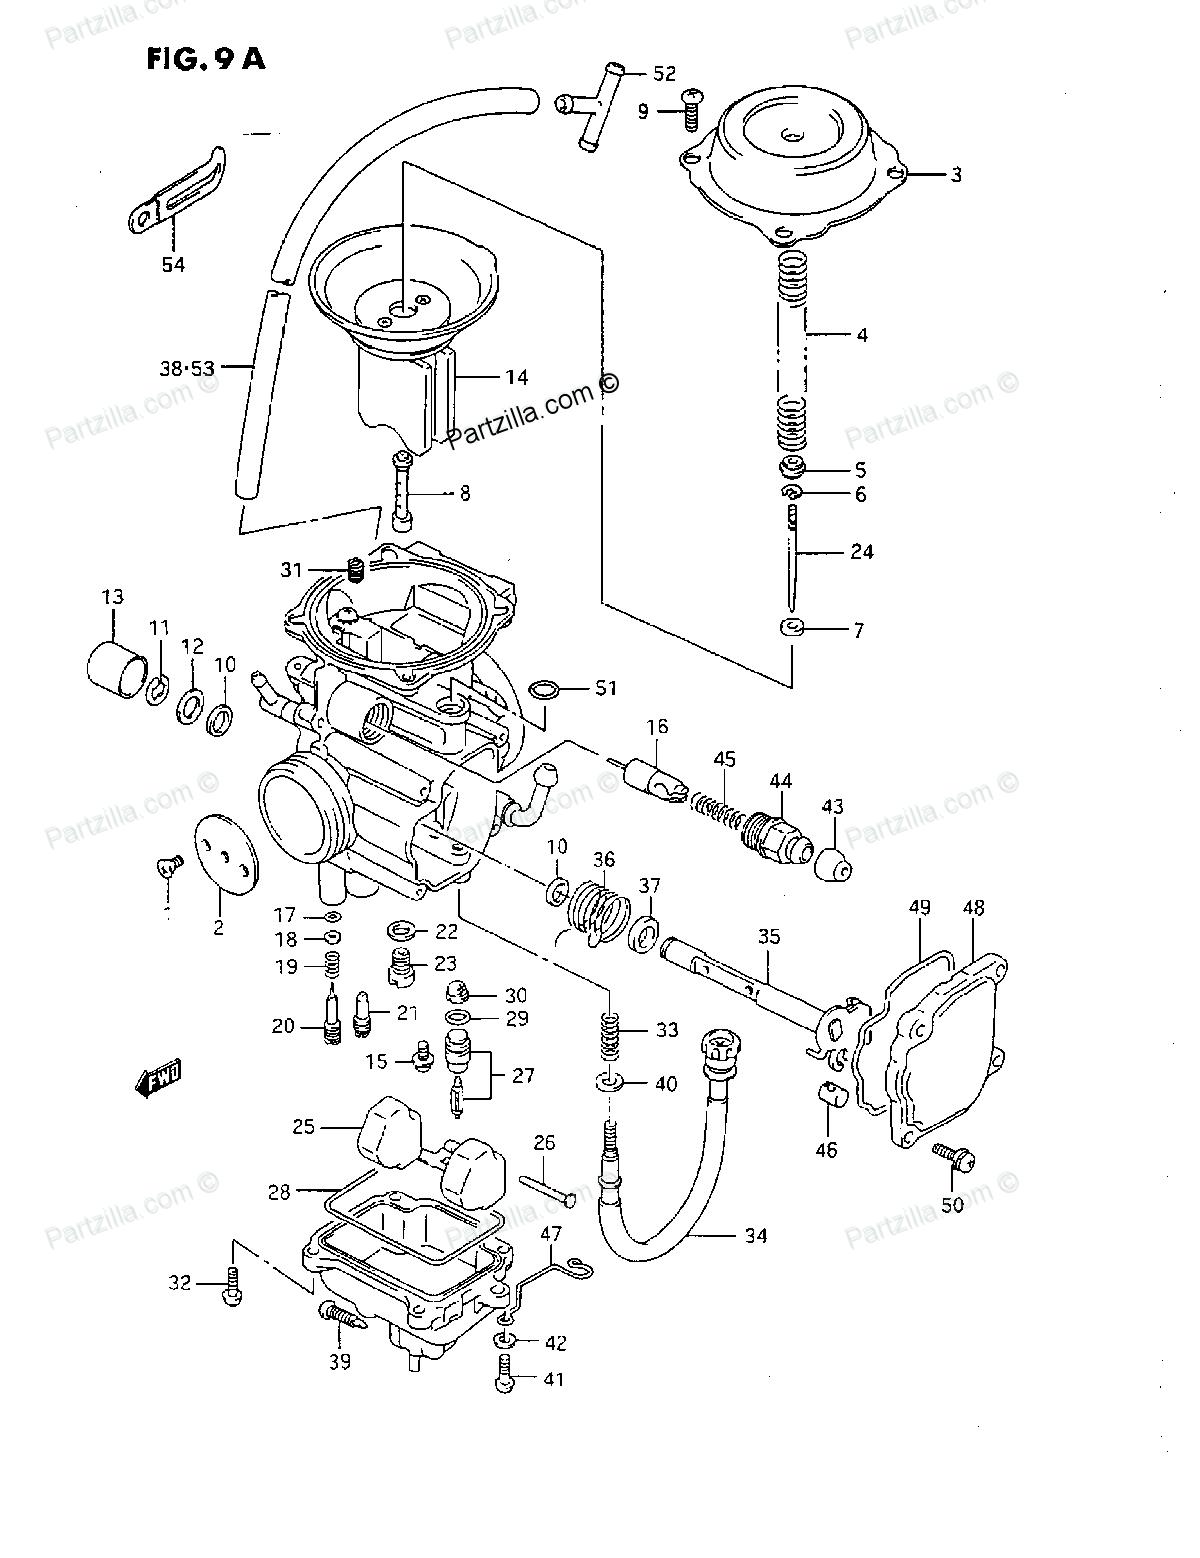 gsxr 750 wiring harness diagram